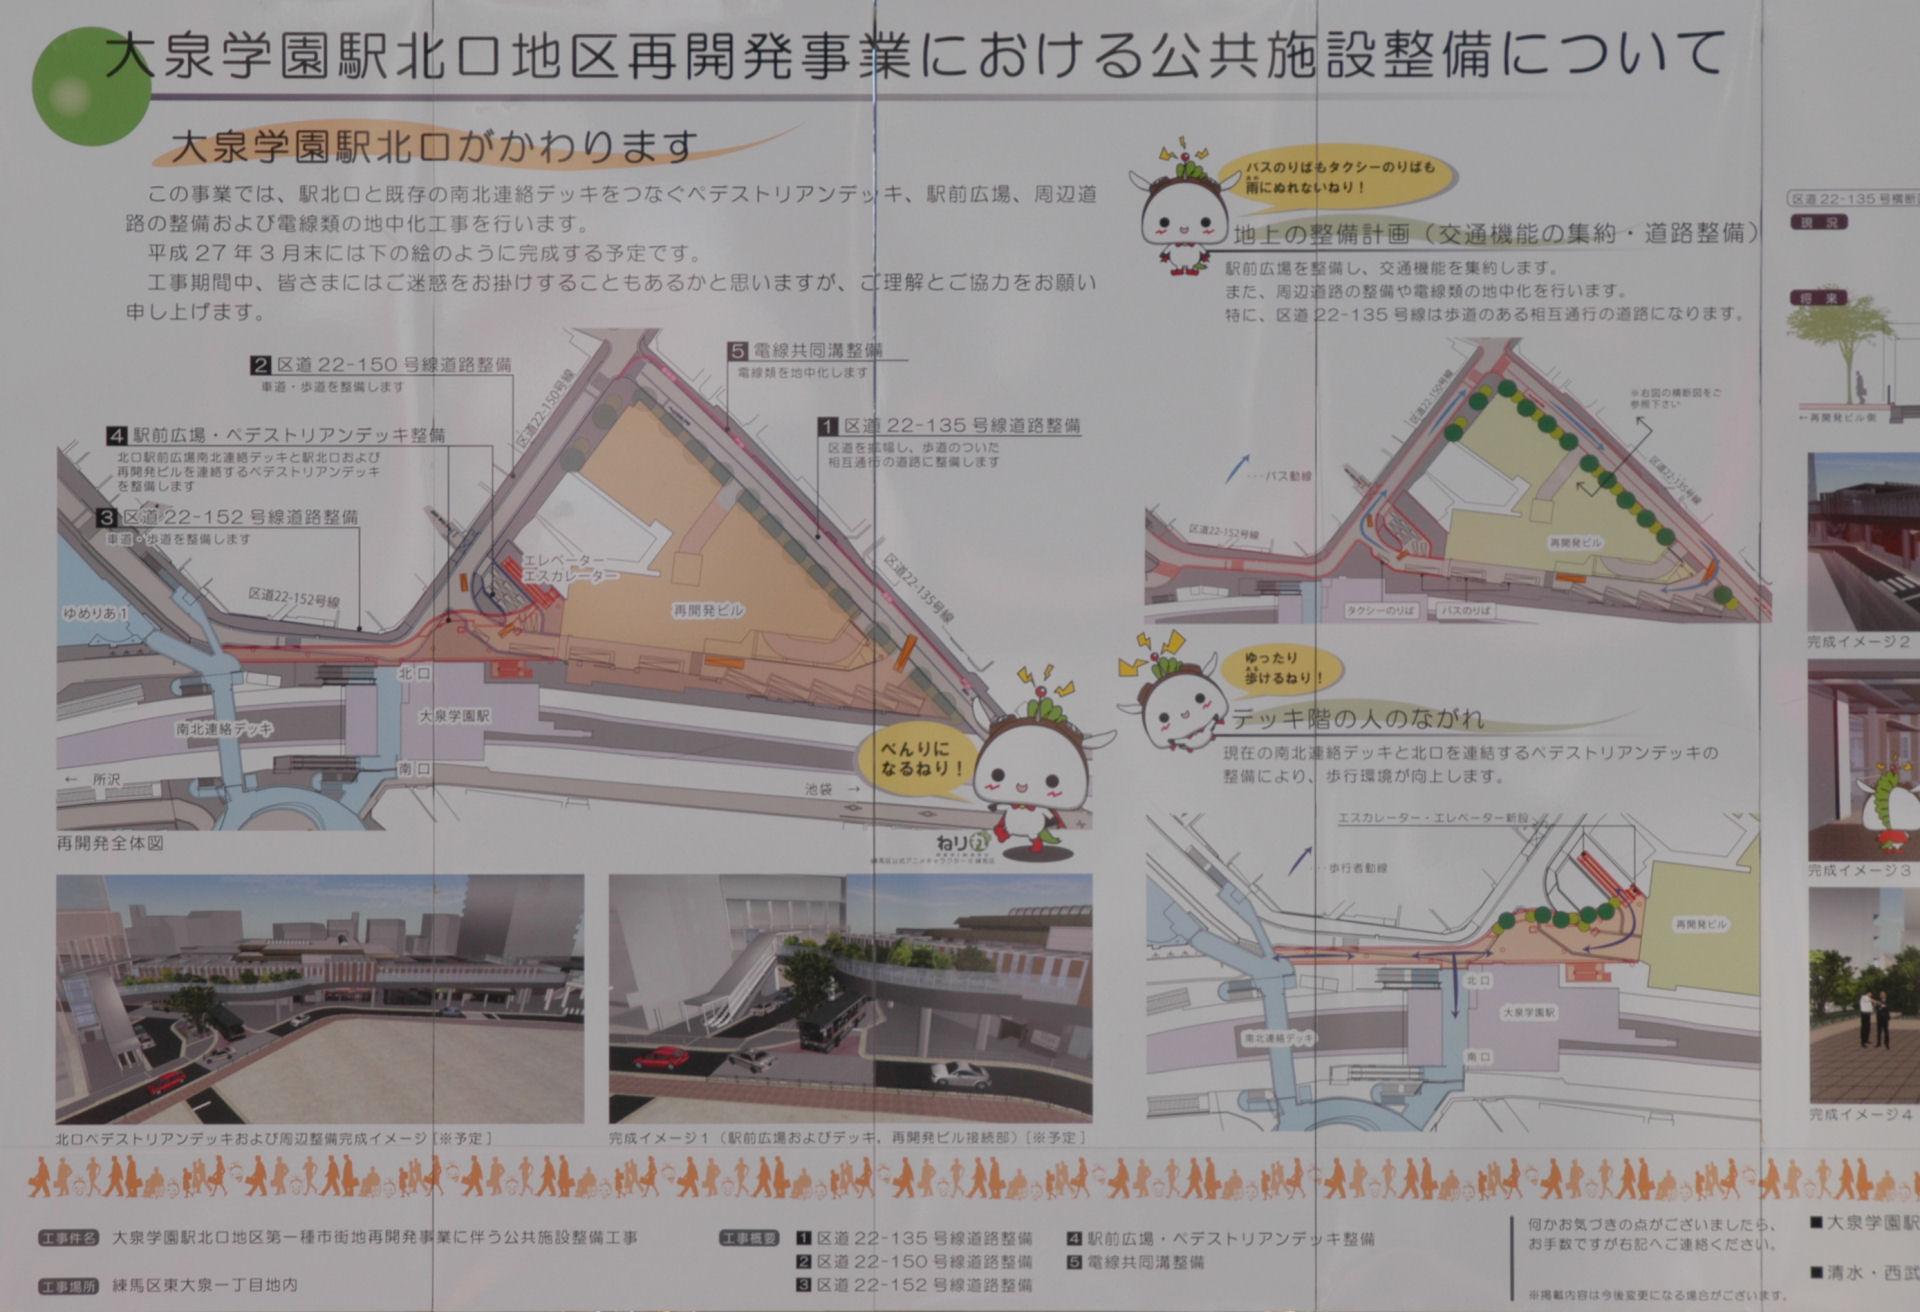 oizumi14010070e.jpg